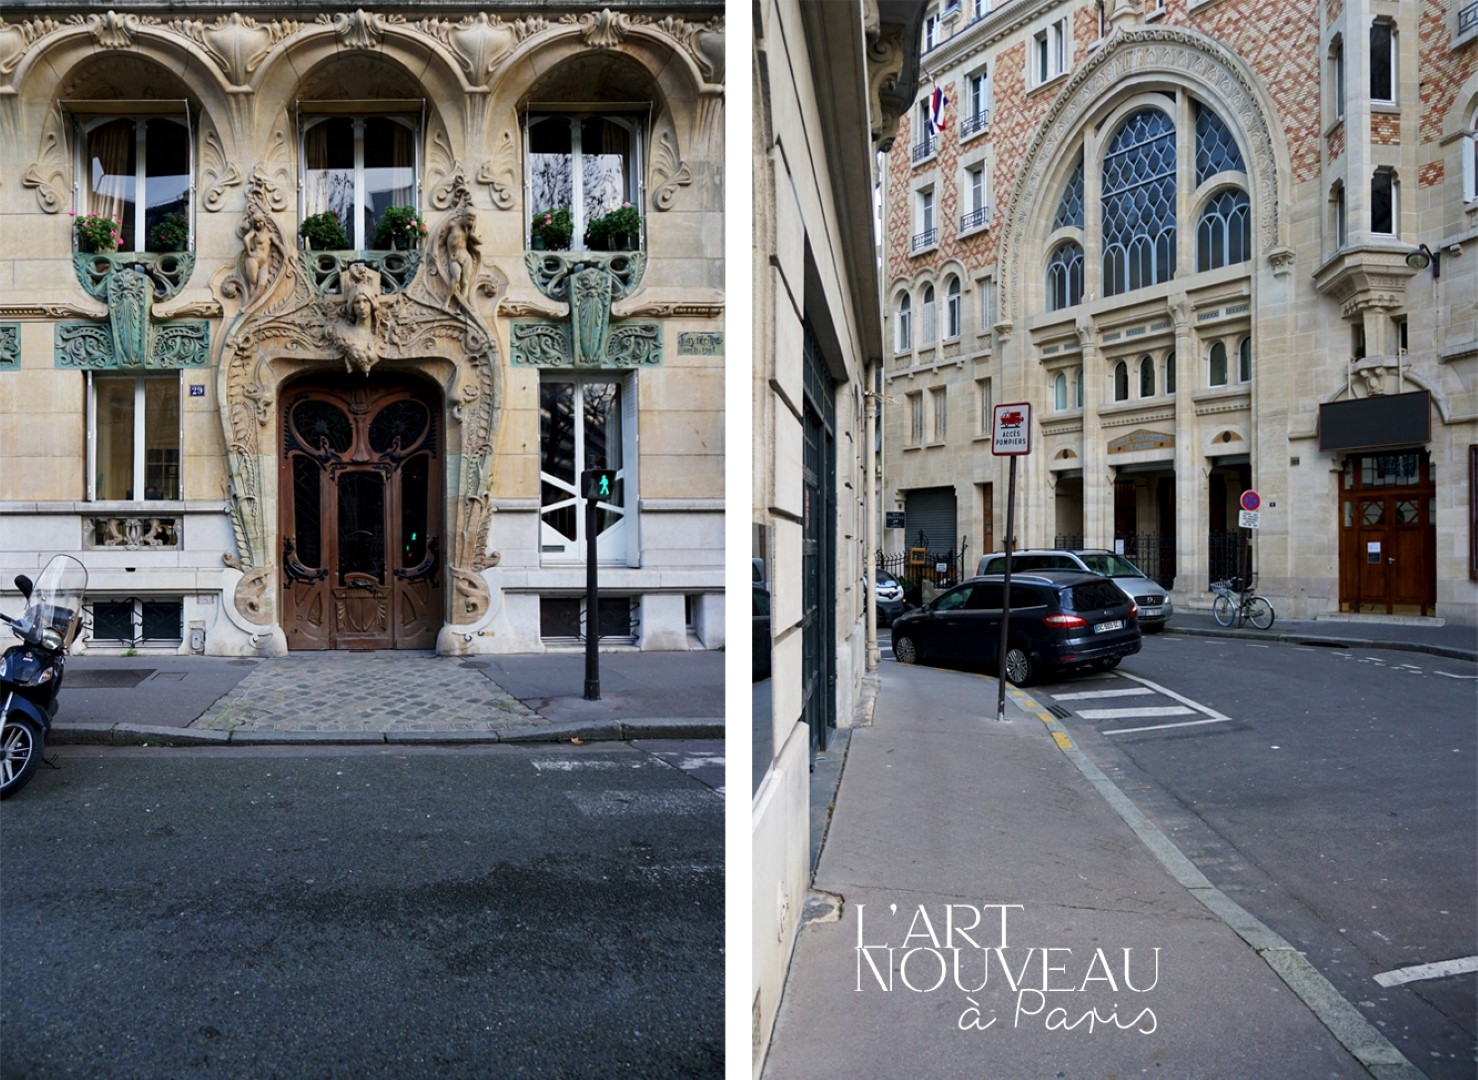 Balade dans le 7e arrondissement de Paris | de Saint Germain des Près au quartier du Gros Caillou - Autour du Champ de Mars et de la Tour Eiffel, Square Rapp